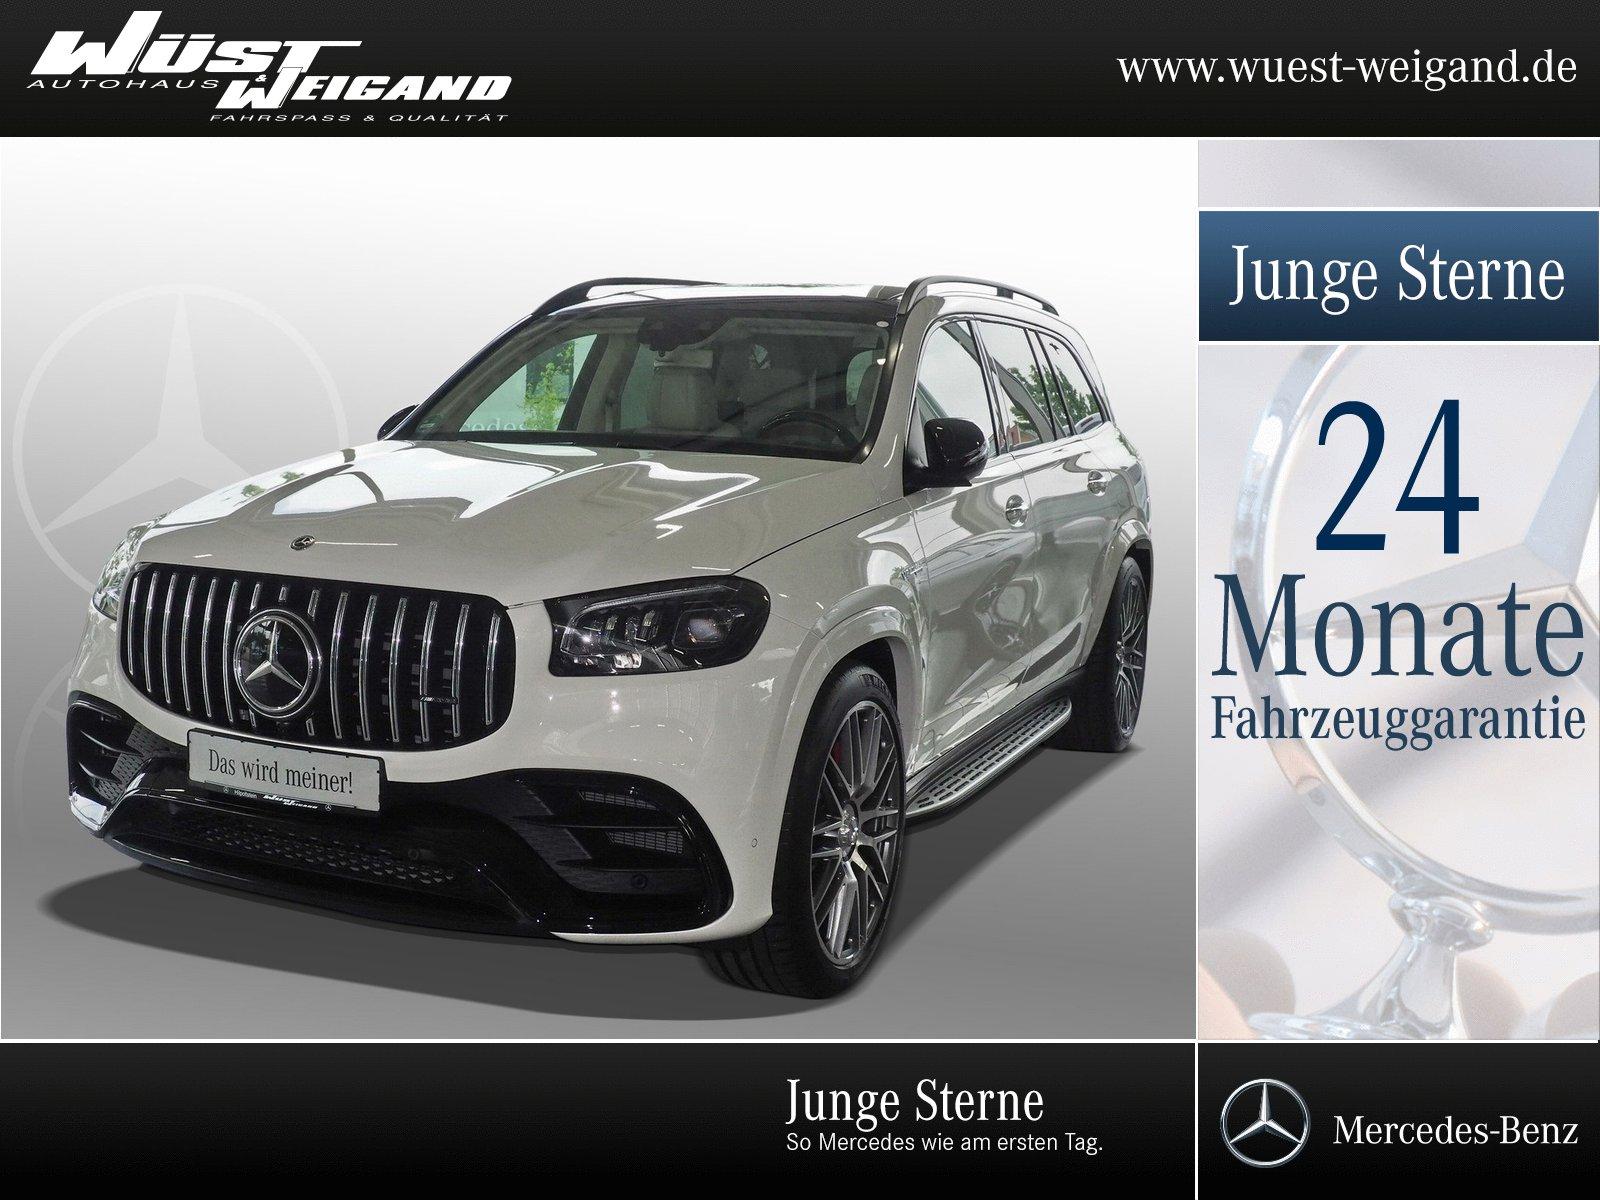 Mercedes-Benz Mercedes-AMG GLS 63 4MATIC+Pano.Dach+Night+Multi, Jahr 2020, Benzin